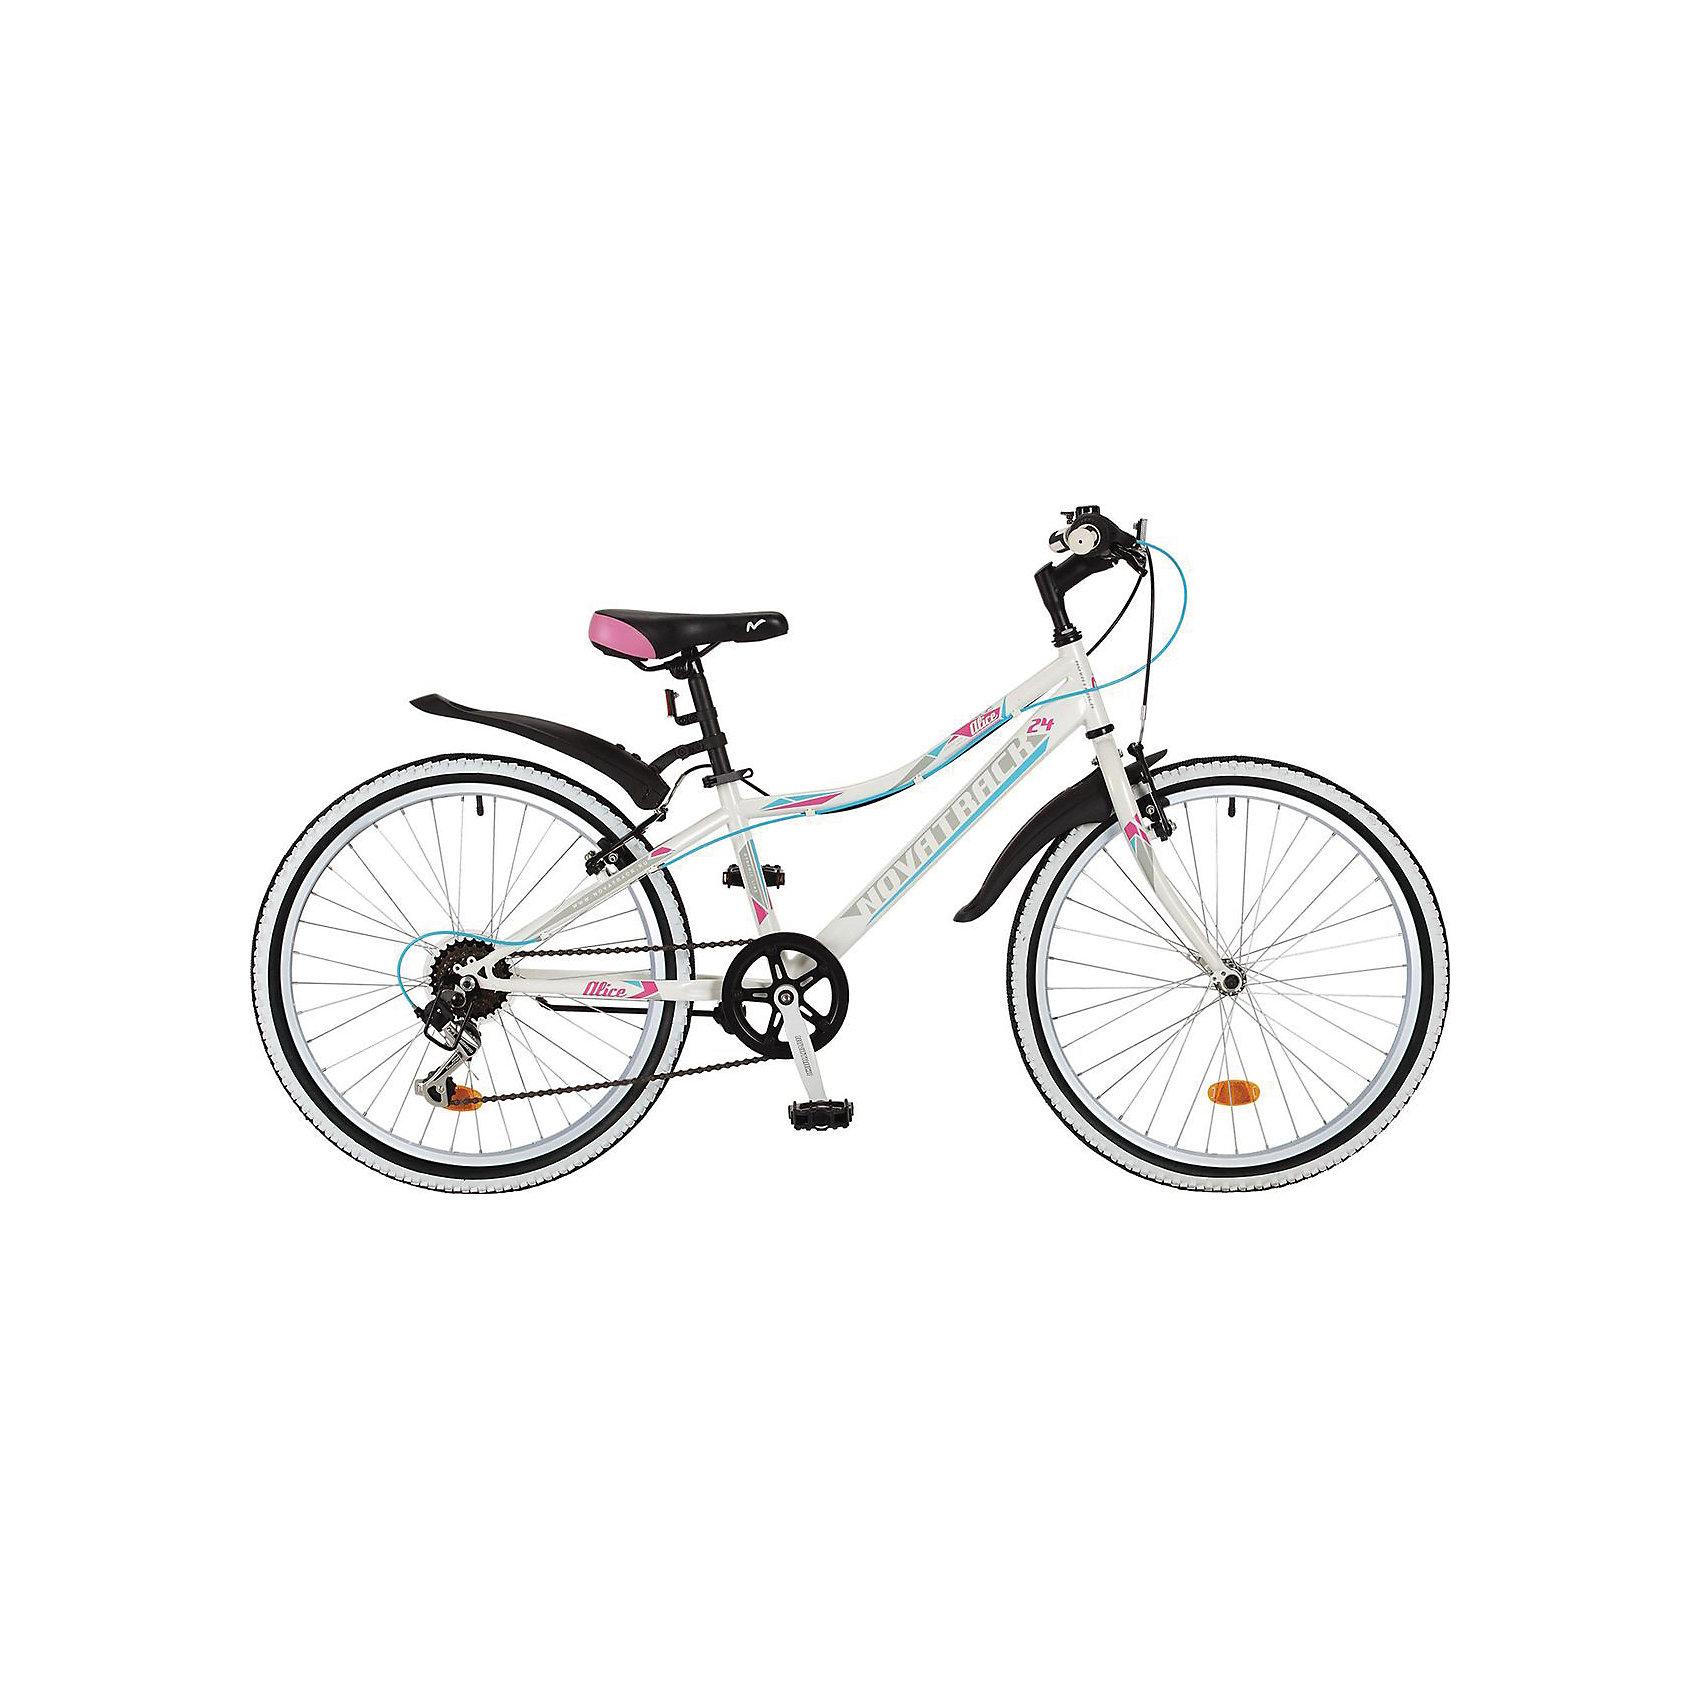 Велосипед ALICE, белый, 24 дюйма, NovatrackВелосипеды детские<br>Ещё одна новика 2017 года от Novatrack - это модель Alice , которая входит в специальную серию для девочек . Характерная низкая рама позволит комфортно чувствовать ребёнка за рулём такого велосипеда , а новый яркий дизайн обязательно понравится вашей юной леди . За переключение передач отвечает надёжное оборудование Shimano . Такой велосипед отлично подойдёт как для катания по пересечённой местности , так и для города .<br><br>Ширина мм: 1260<br>Глубина мм: 200<br>Высота мм: 650<br>Вес г: 19000<br>Возраст от месяцев: 108<br>Возраст до месяцев: 168<br>Пол: Унисекс<br>Возраст: Детский<br>SKU: 5613226